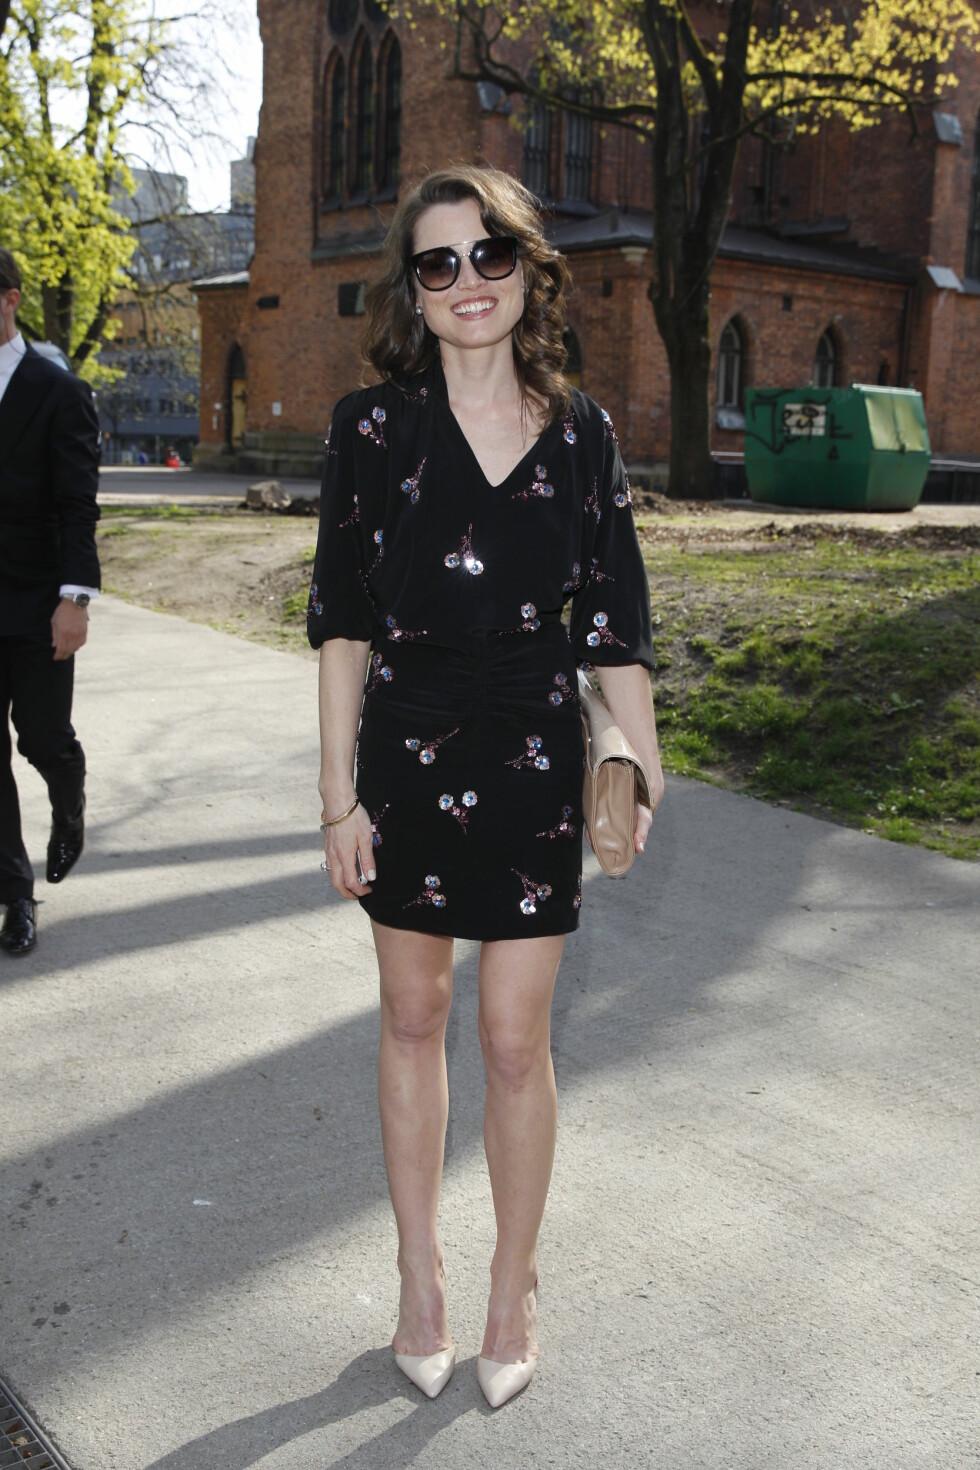 BLID: Skuespiller Gitte Witt hadde kledd seg for den solrike lørdagen. Foto: Andreas Fadum, Se og Hør